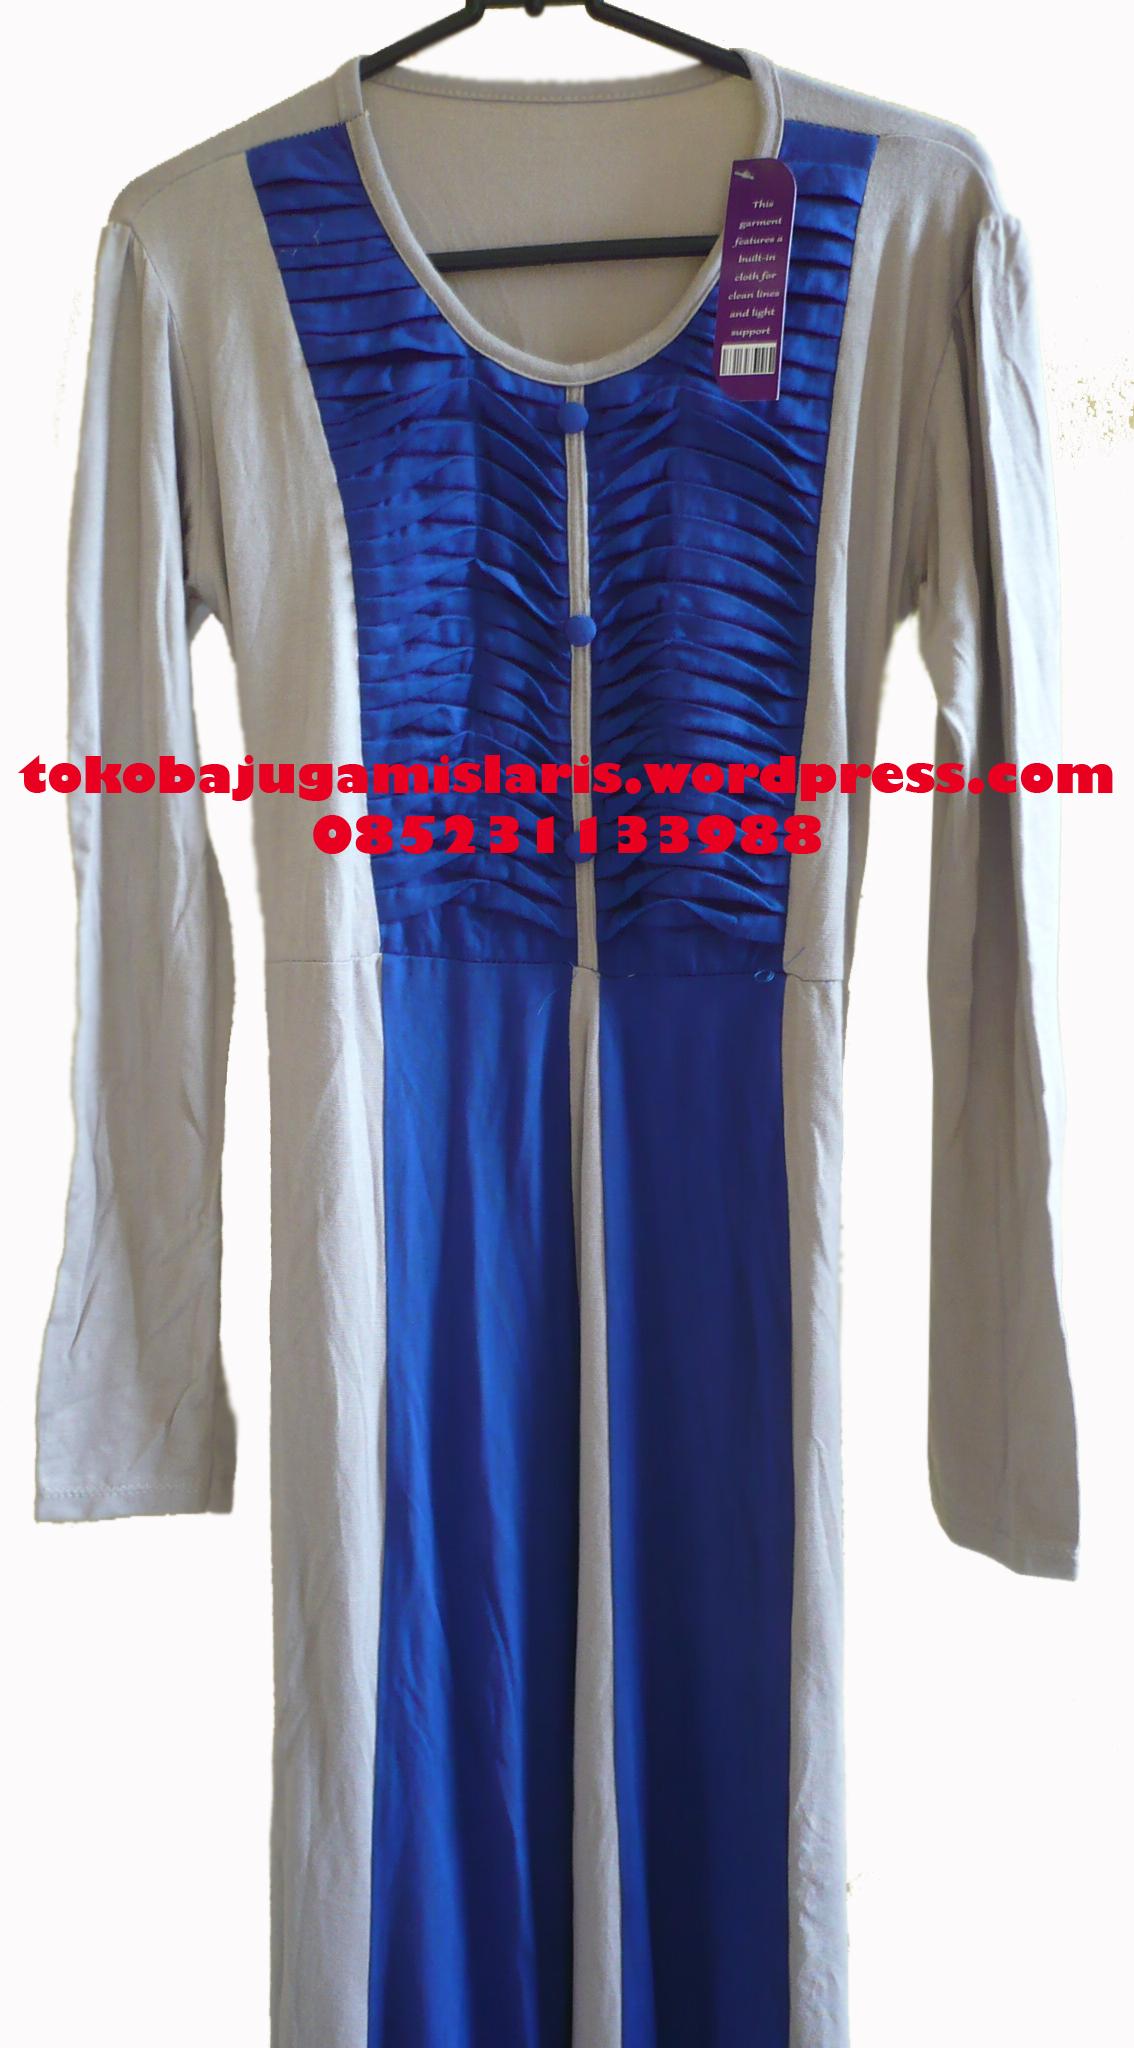 Jual Baju Gamis Cantik Murah H Toko